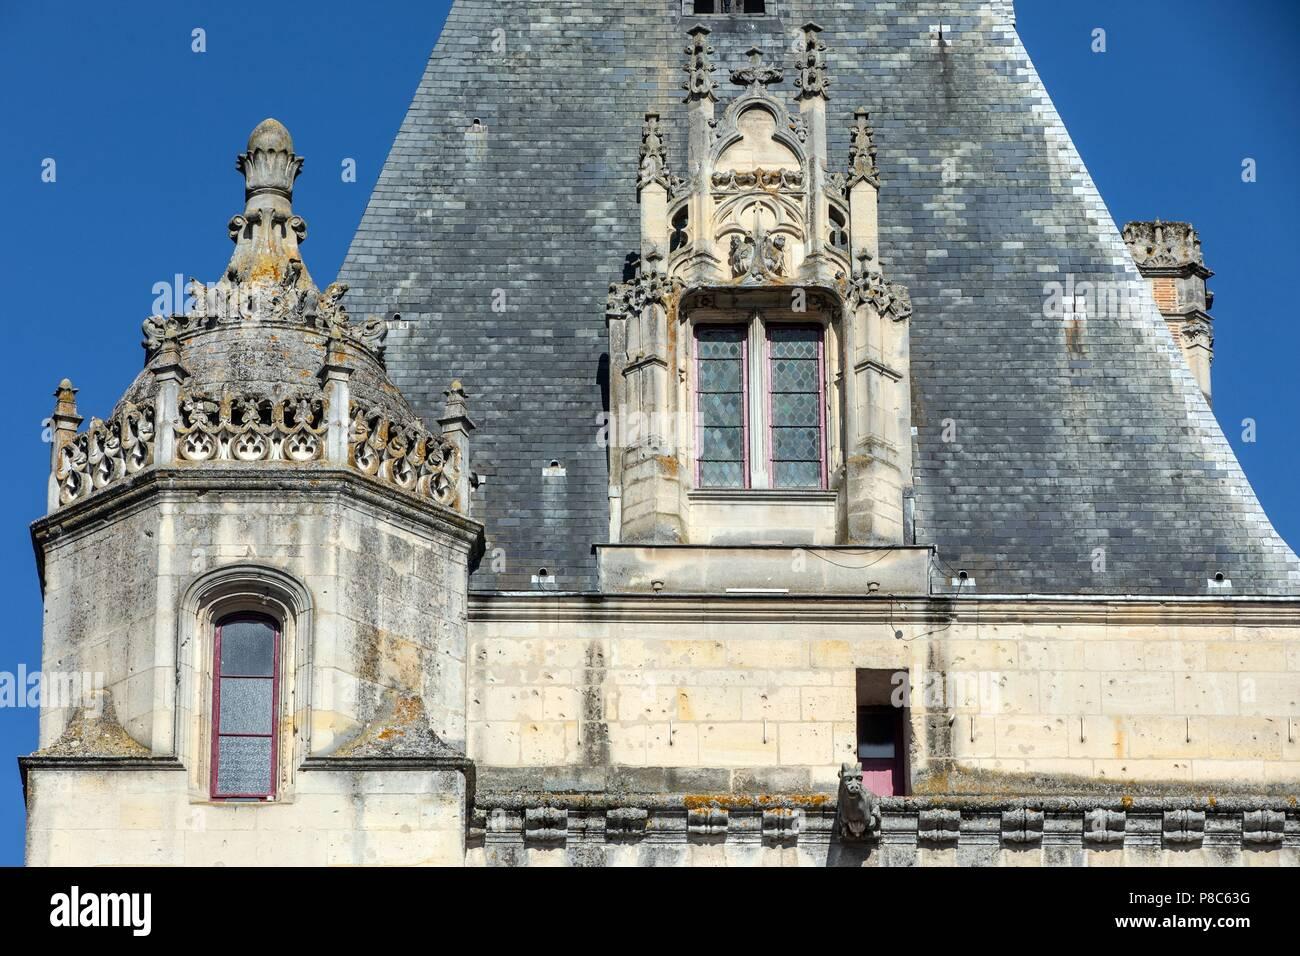 CITY OF DREUX, ROYAL CITY, EURE-ET-LOIR, FRANCE Stock Photo